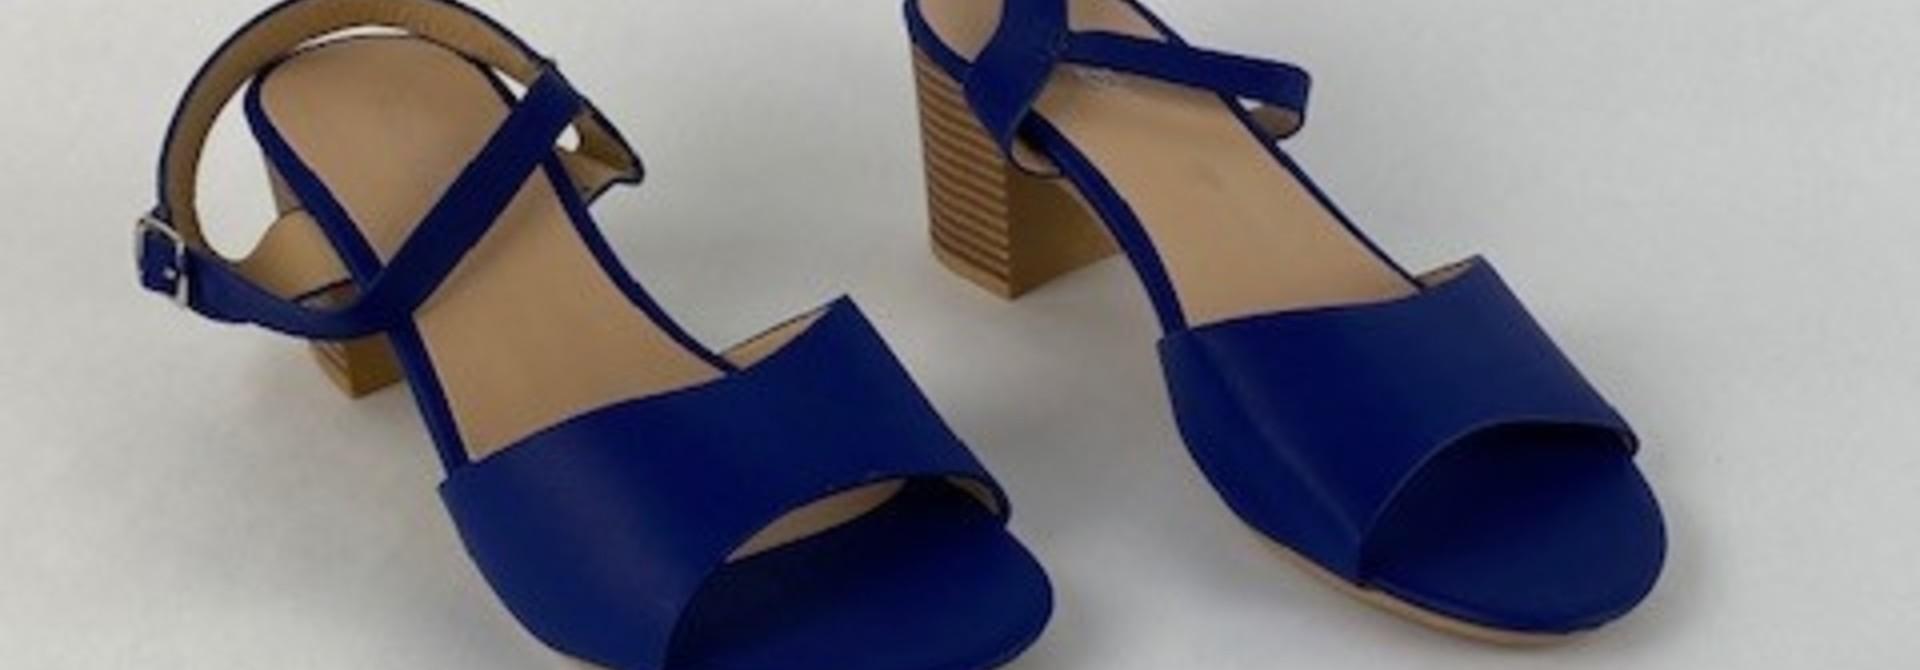 Claretta sandal Cobalt